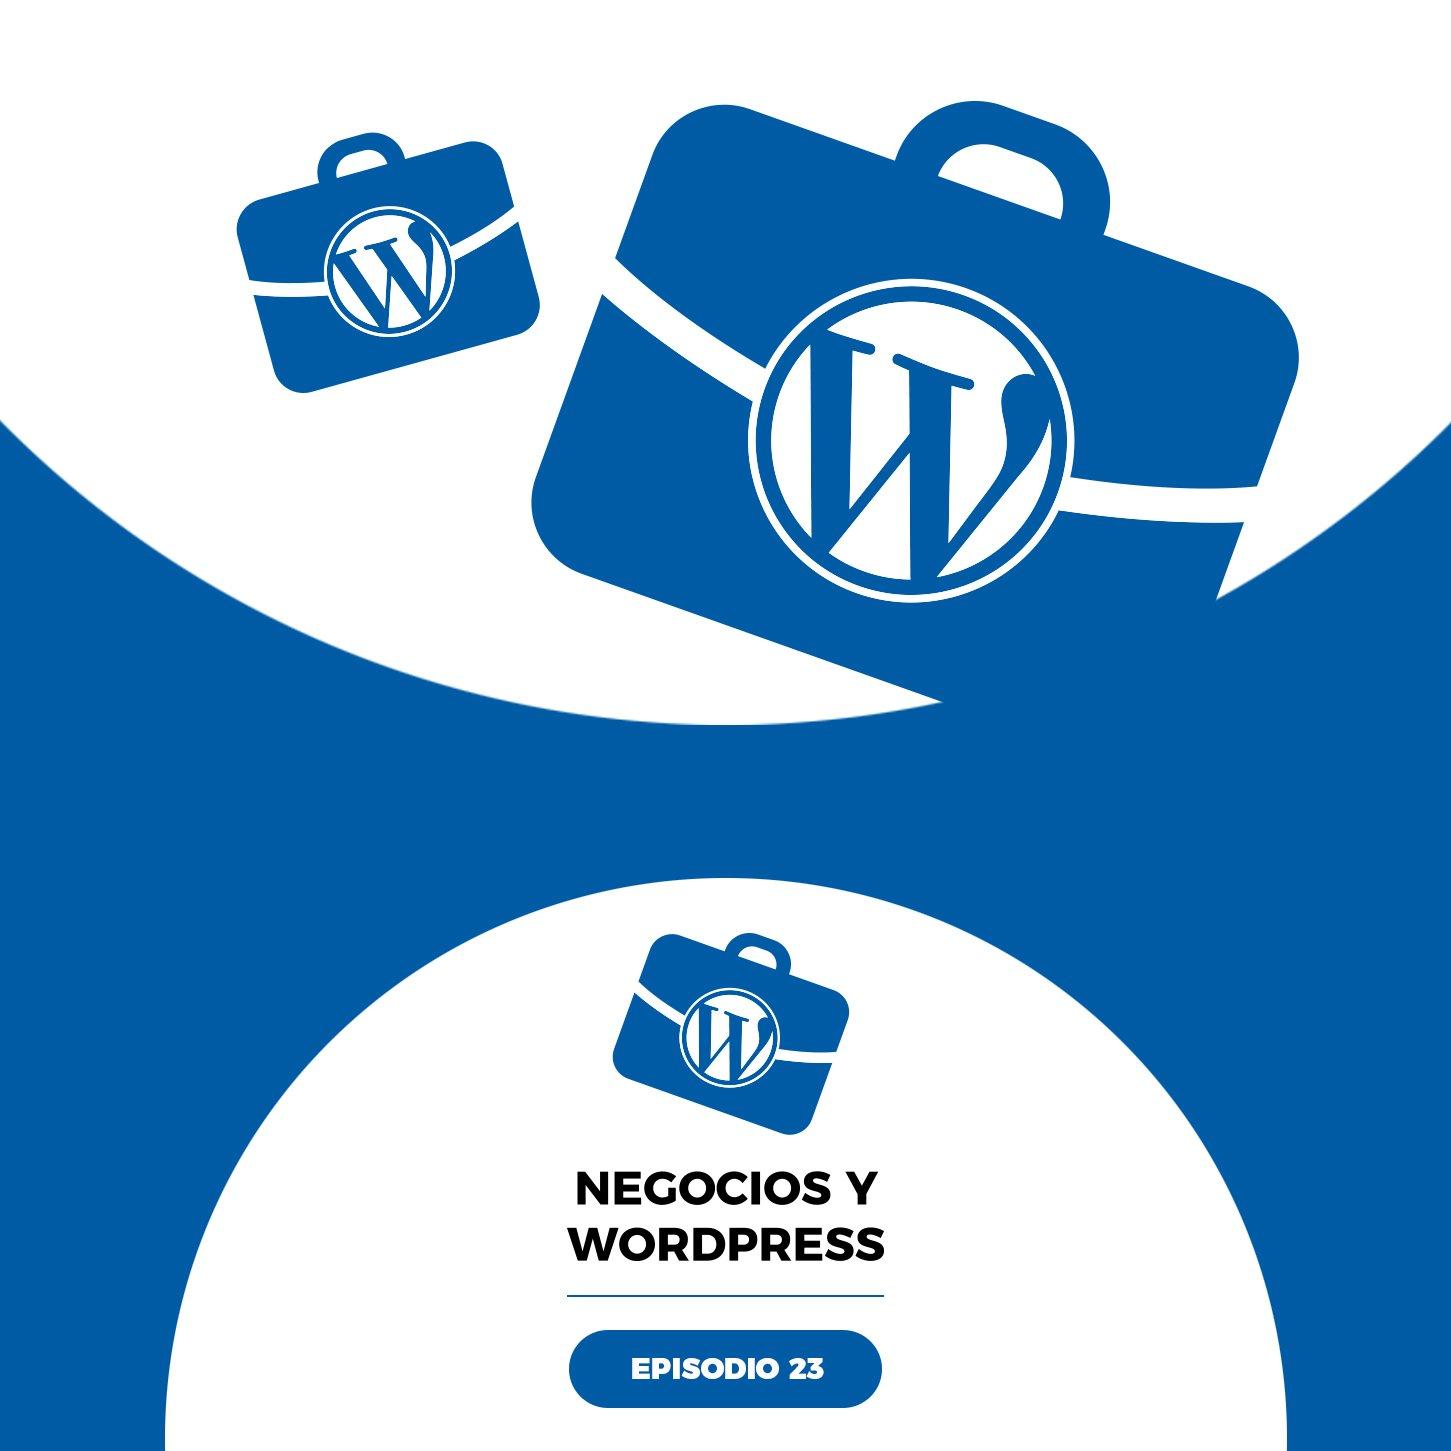 23. Simplemente Negocios y WordPress